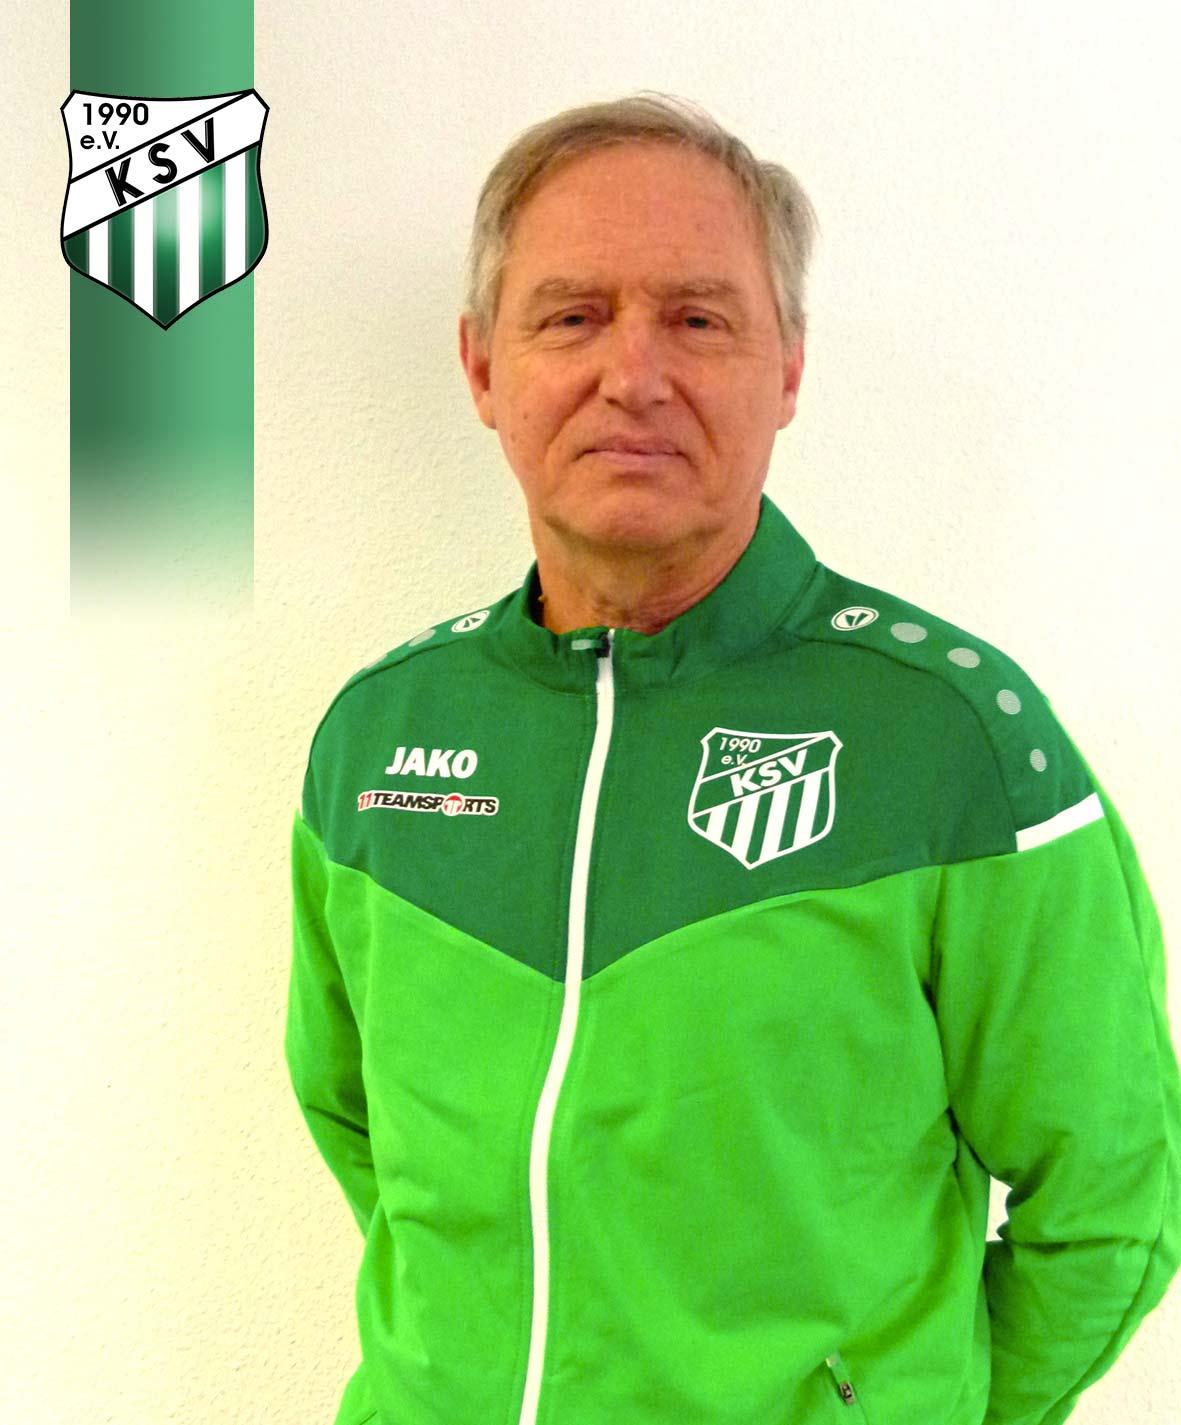 Rainer Eule